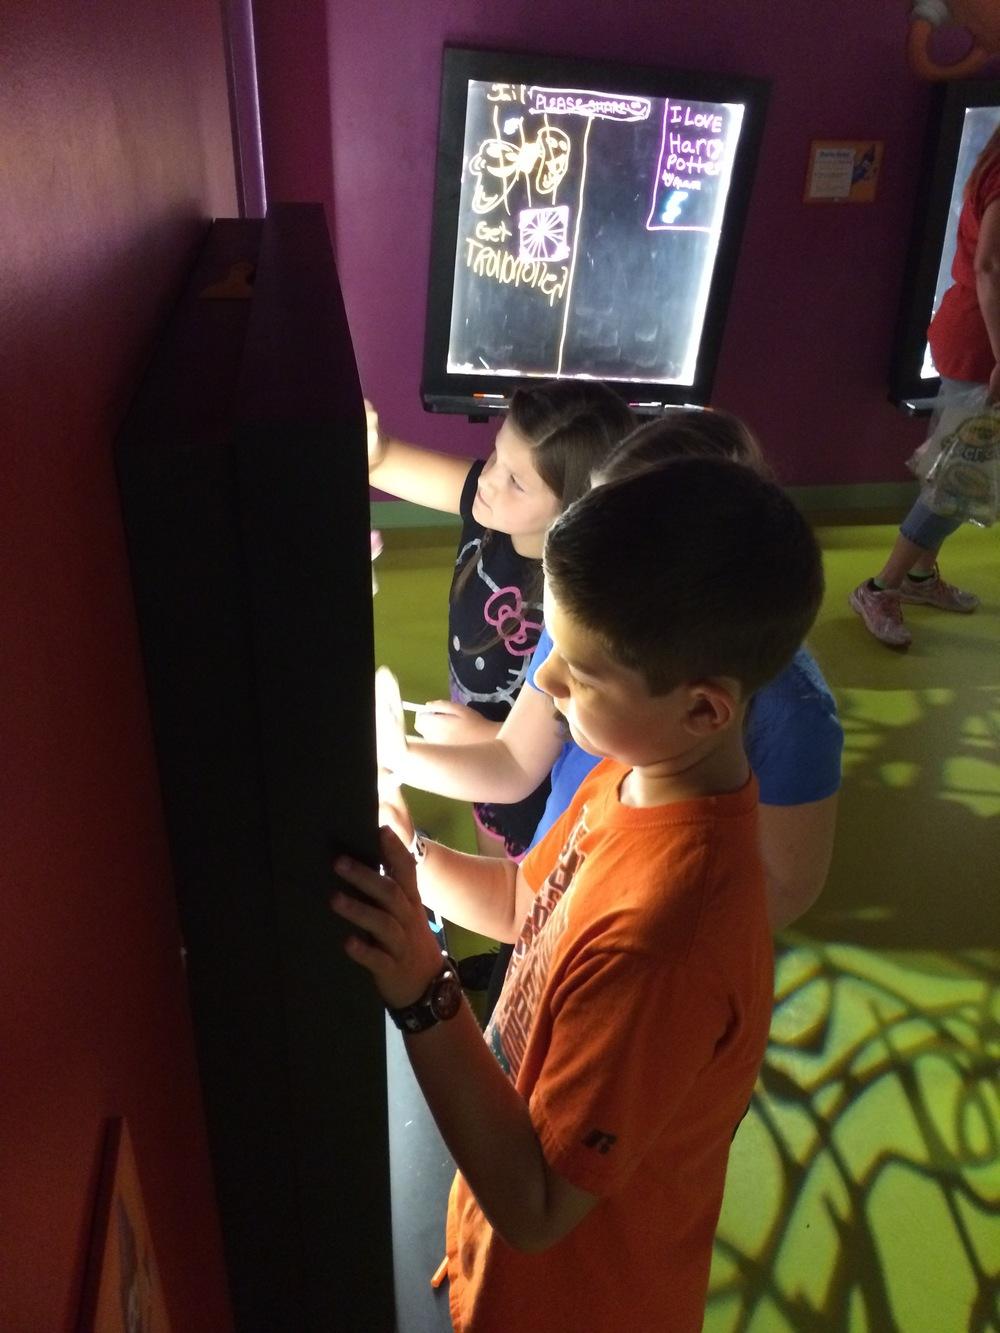 Crayola Experience Orlando, FL DOODLE IN THE DARK